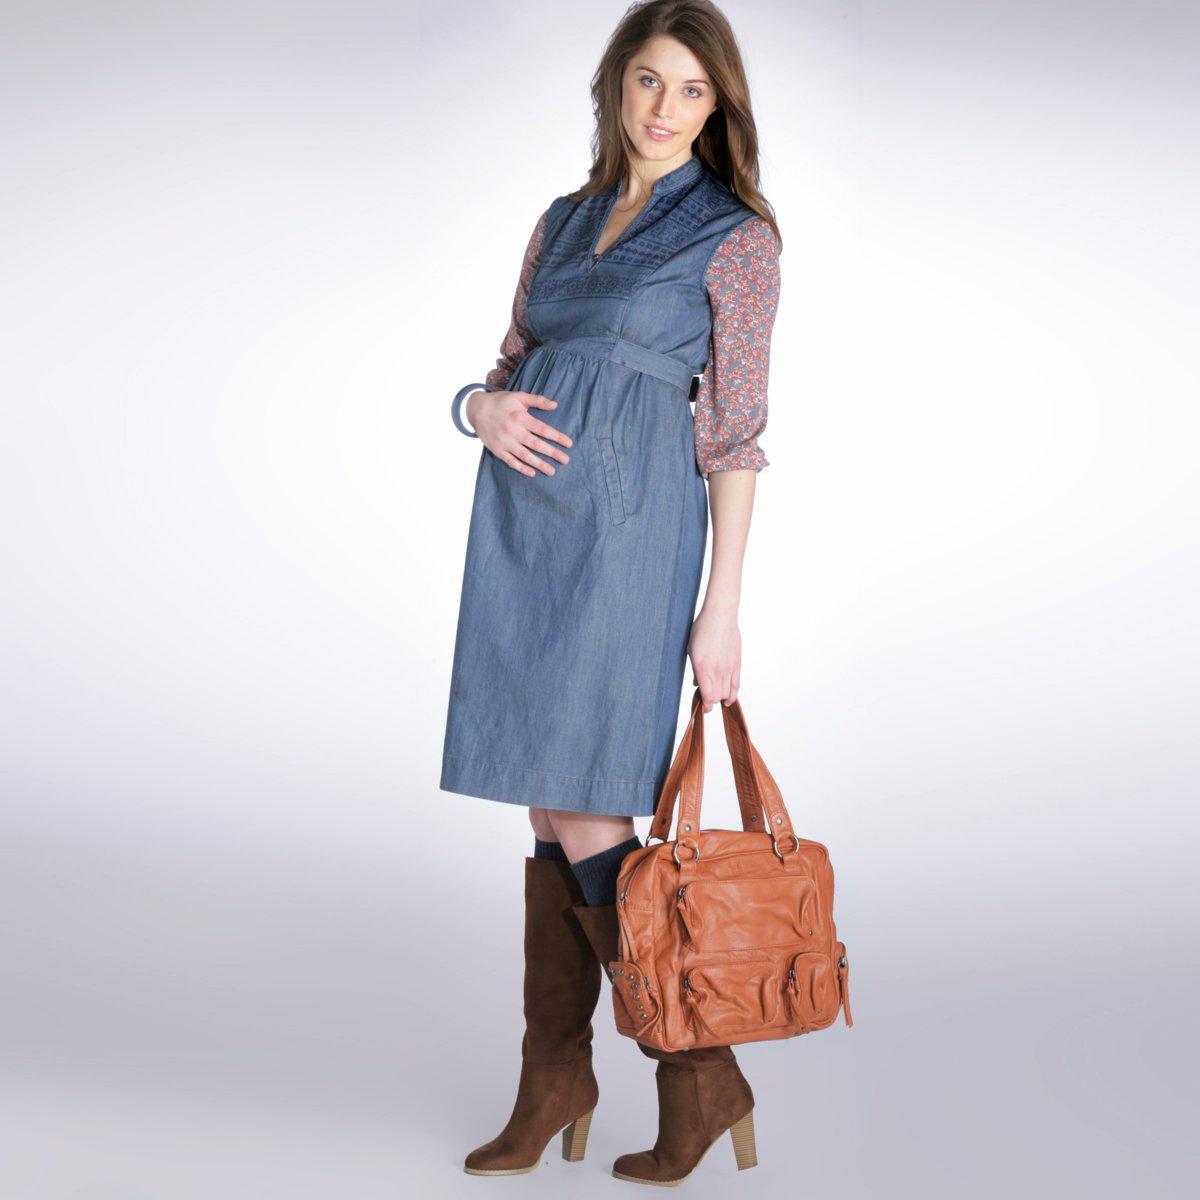 Βραδυνα Φορεματα εγκυμοσύνης Χειμώνας 2012 Κωδ. 324205655 776ae8eca2b